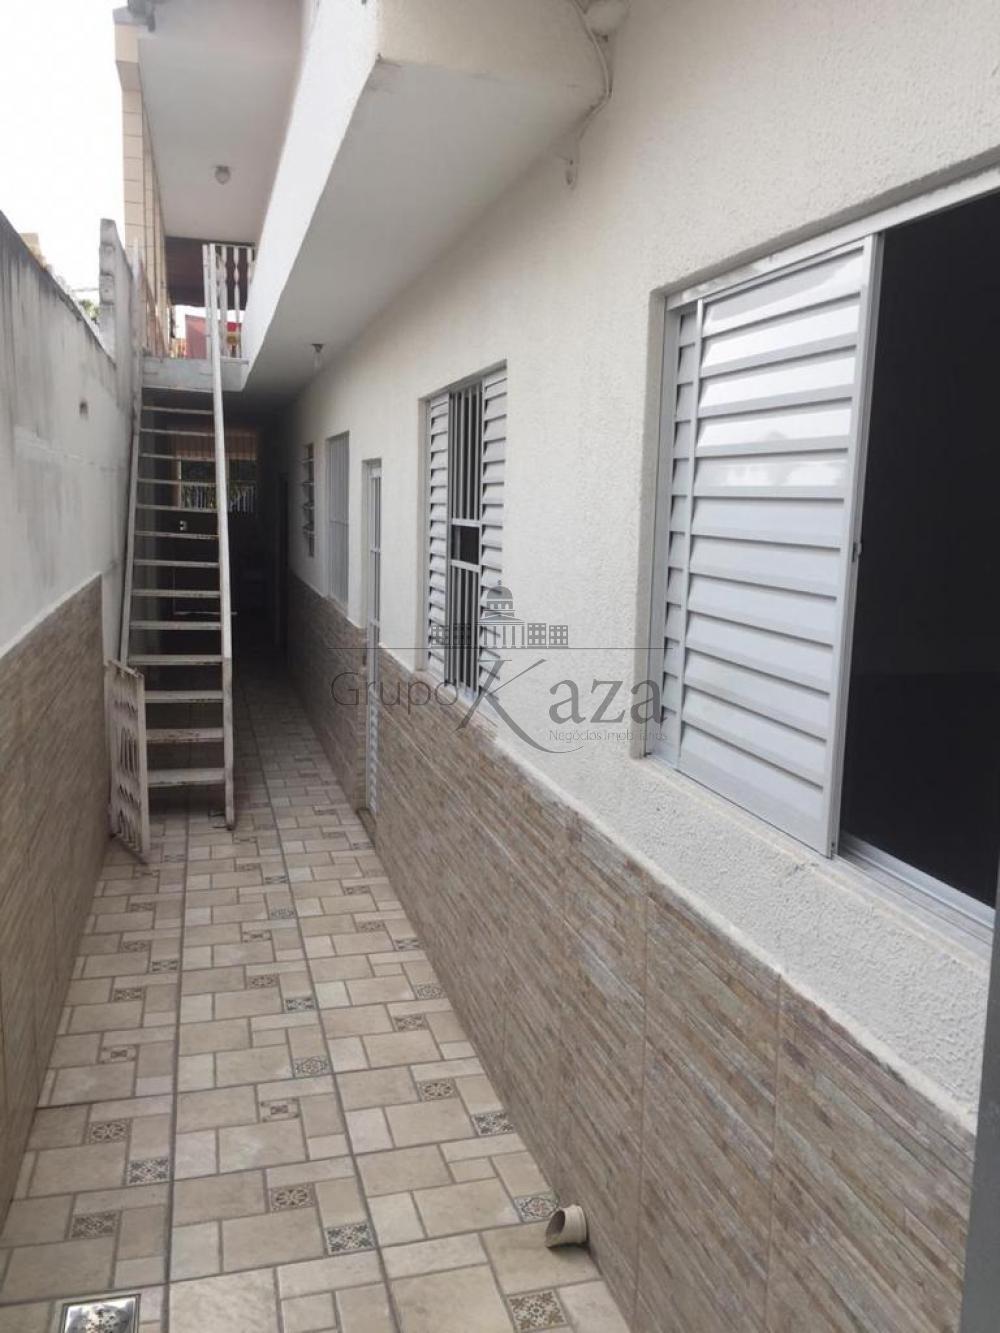 Comprar Casa / Sobrado em São José dos Campos apenas R$ 450.000,00 - Foto 22